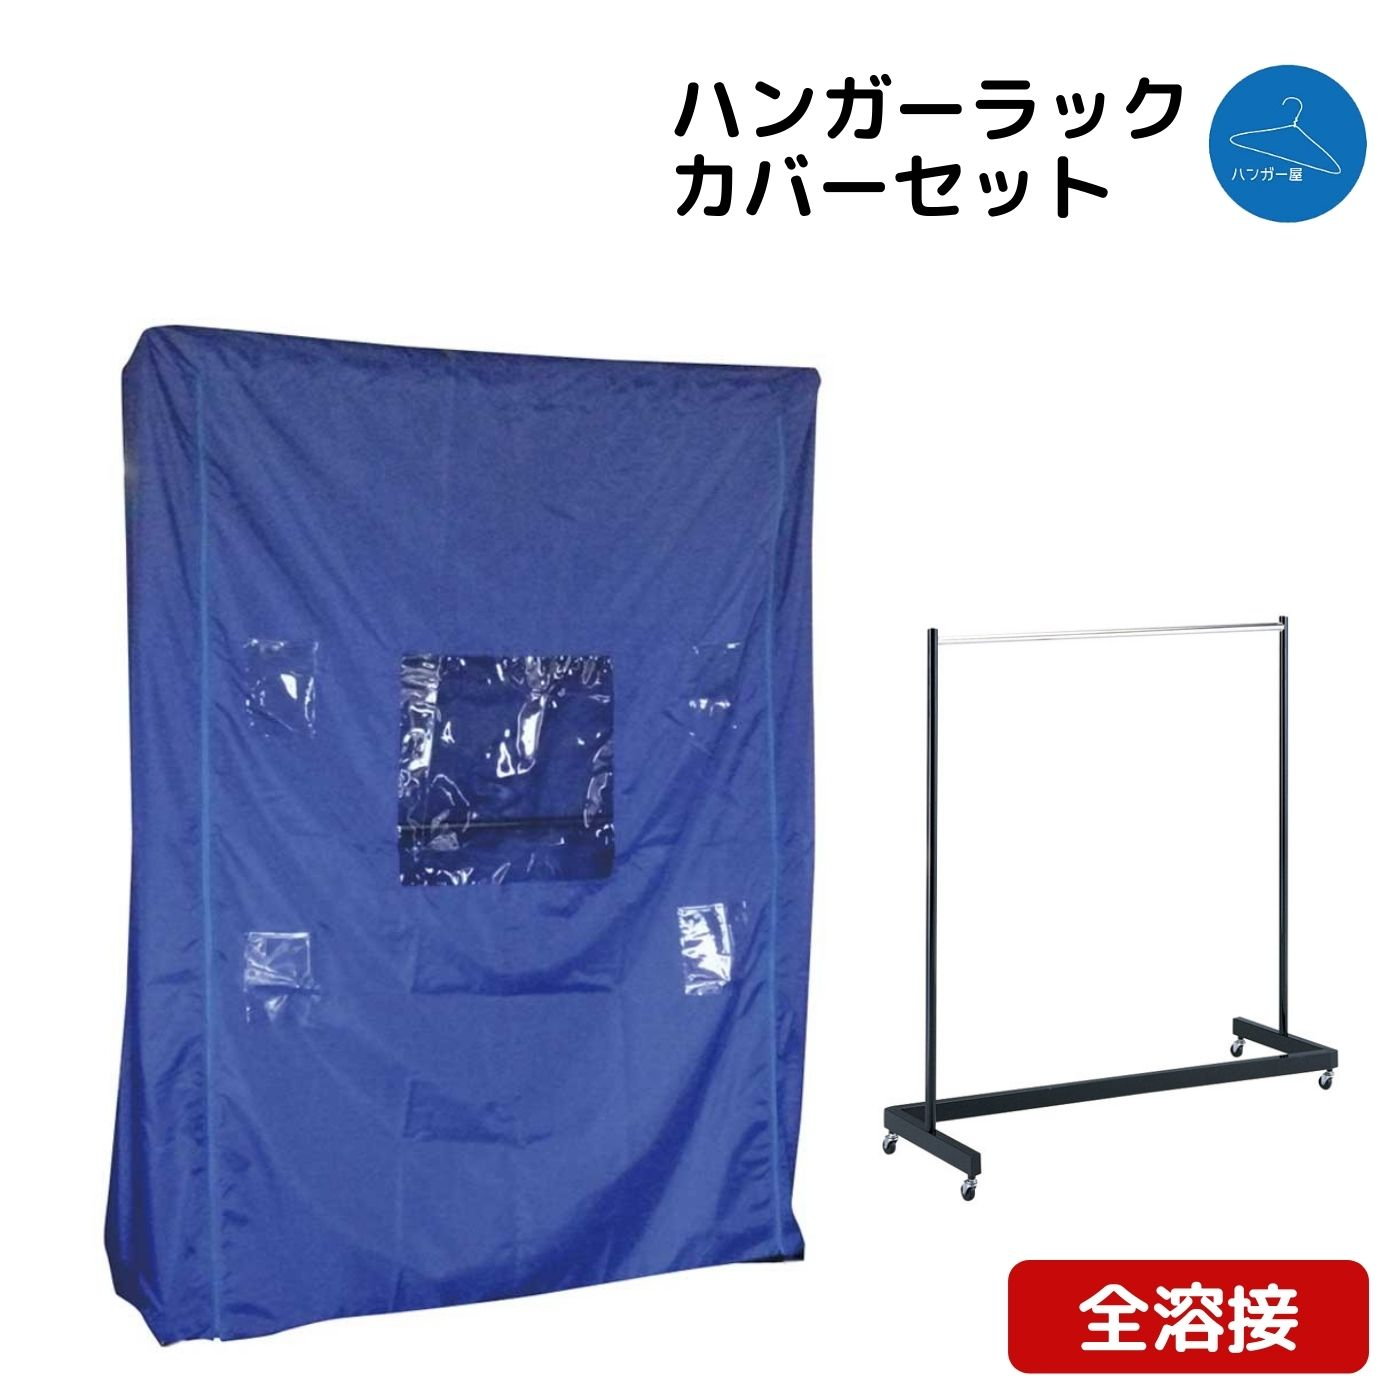 業務用 ハンガーラック カバー付き 頑丈 150cm幅 Z型 固定式 φ50キャスター付 頑丈 日本製 ぐらつかない